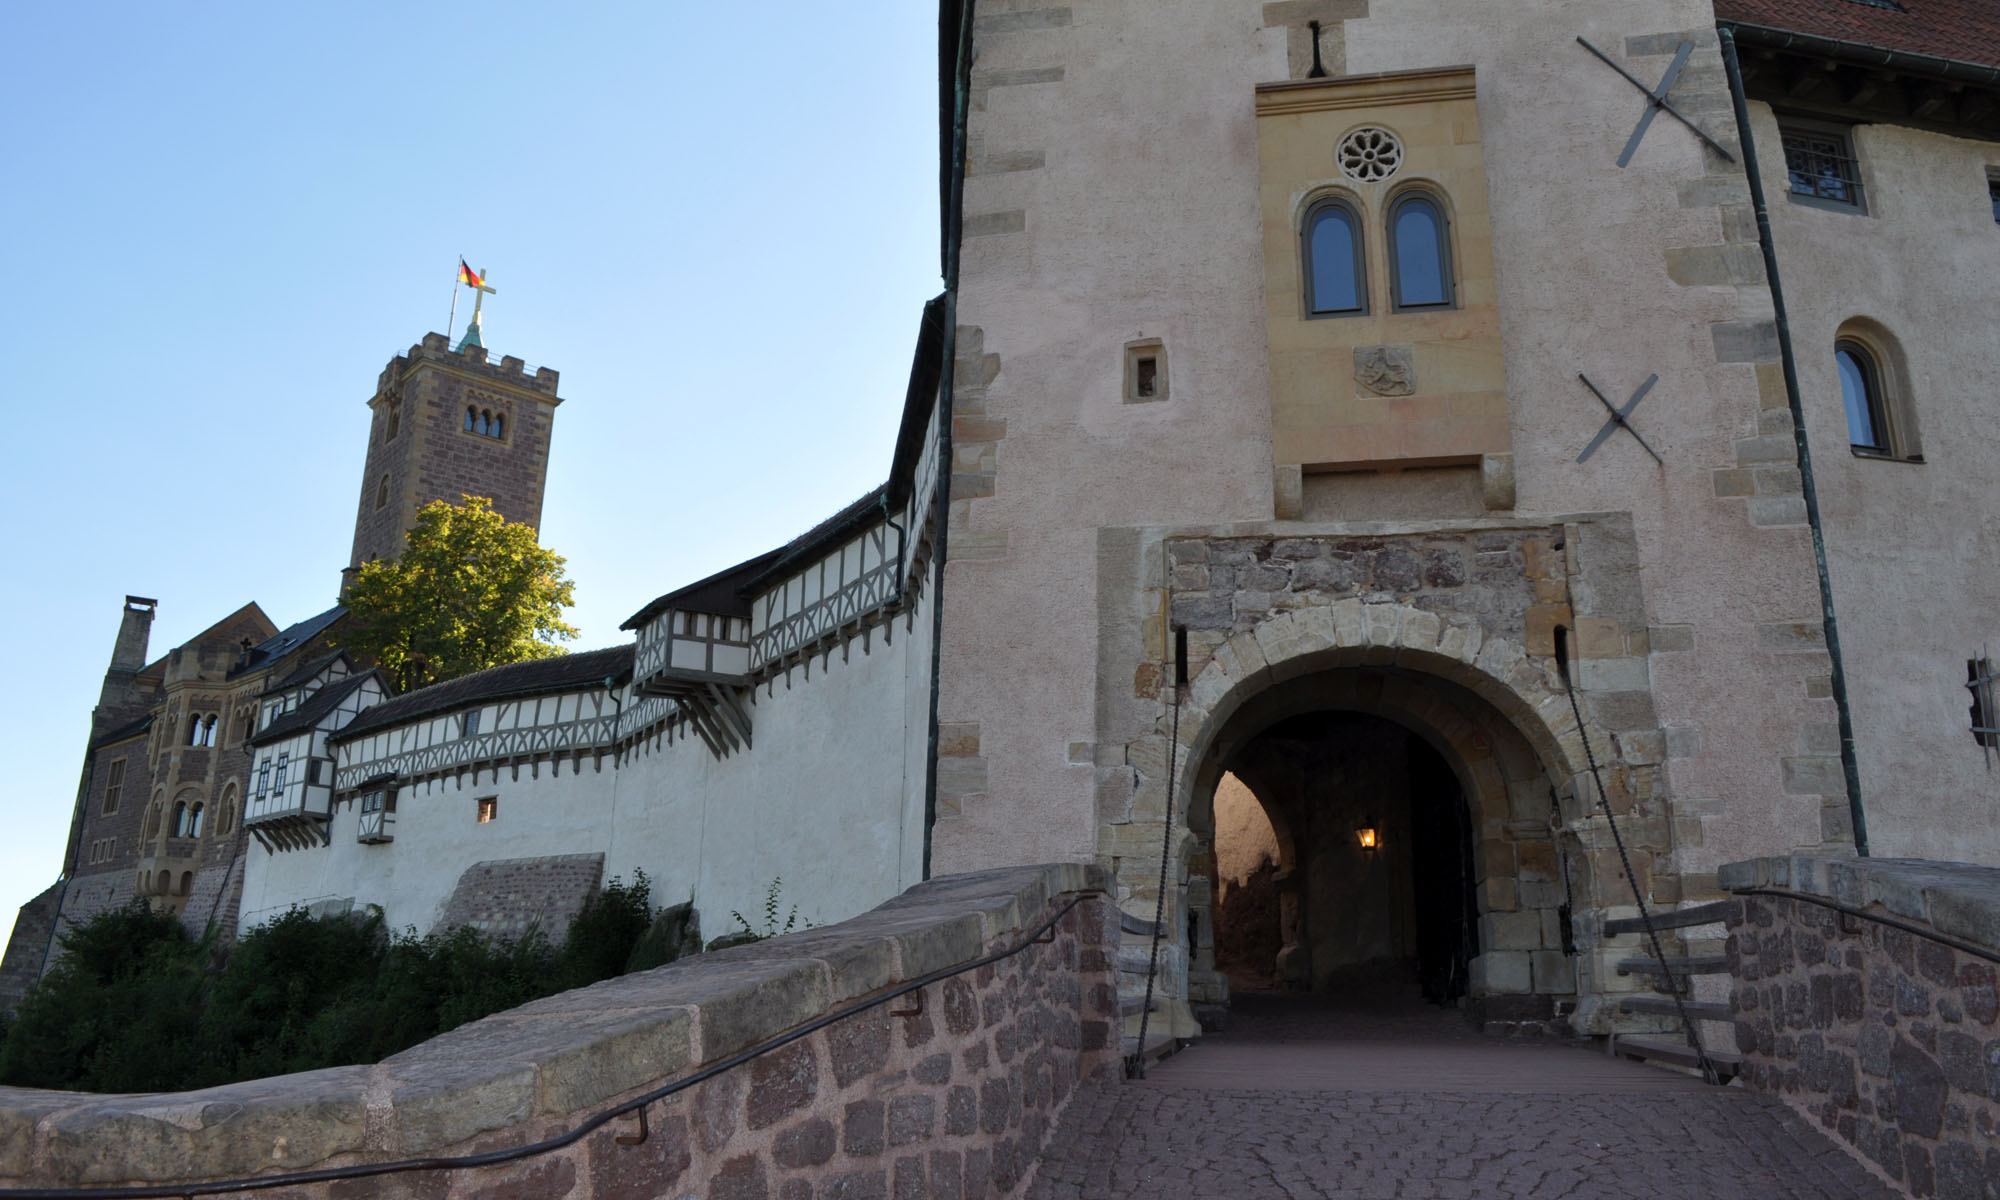 Adventgemeinde Eisenach